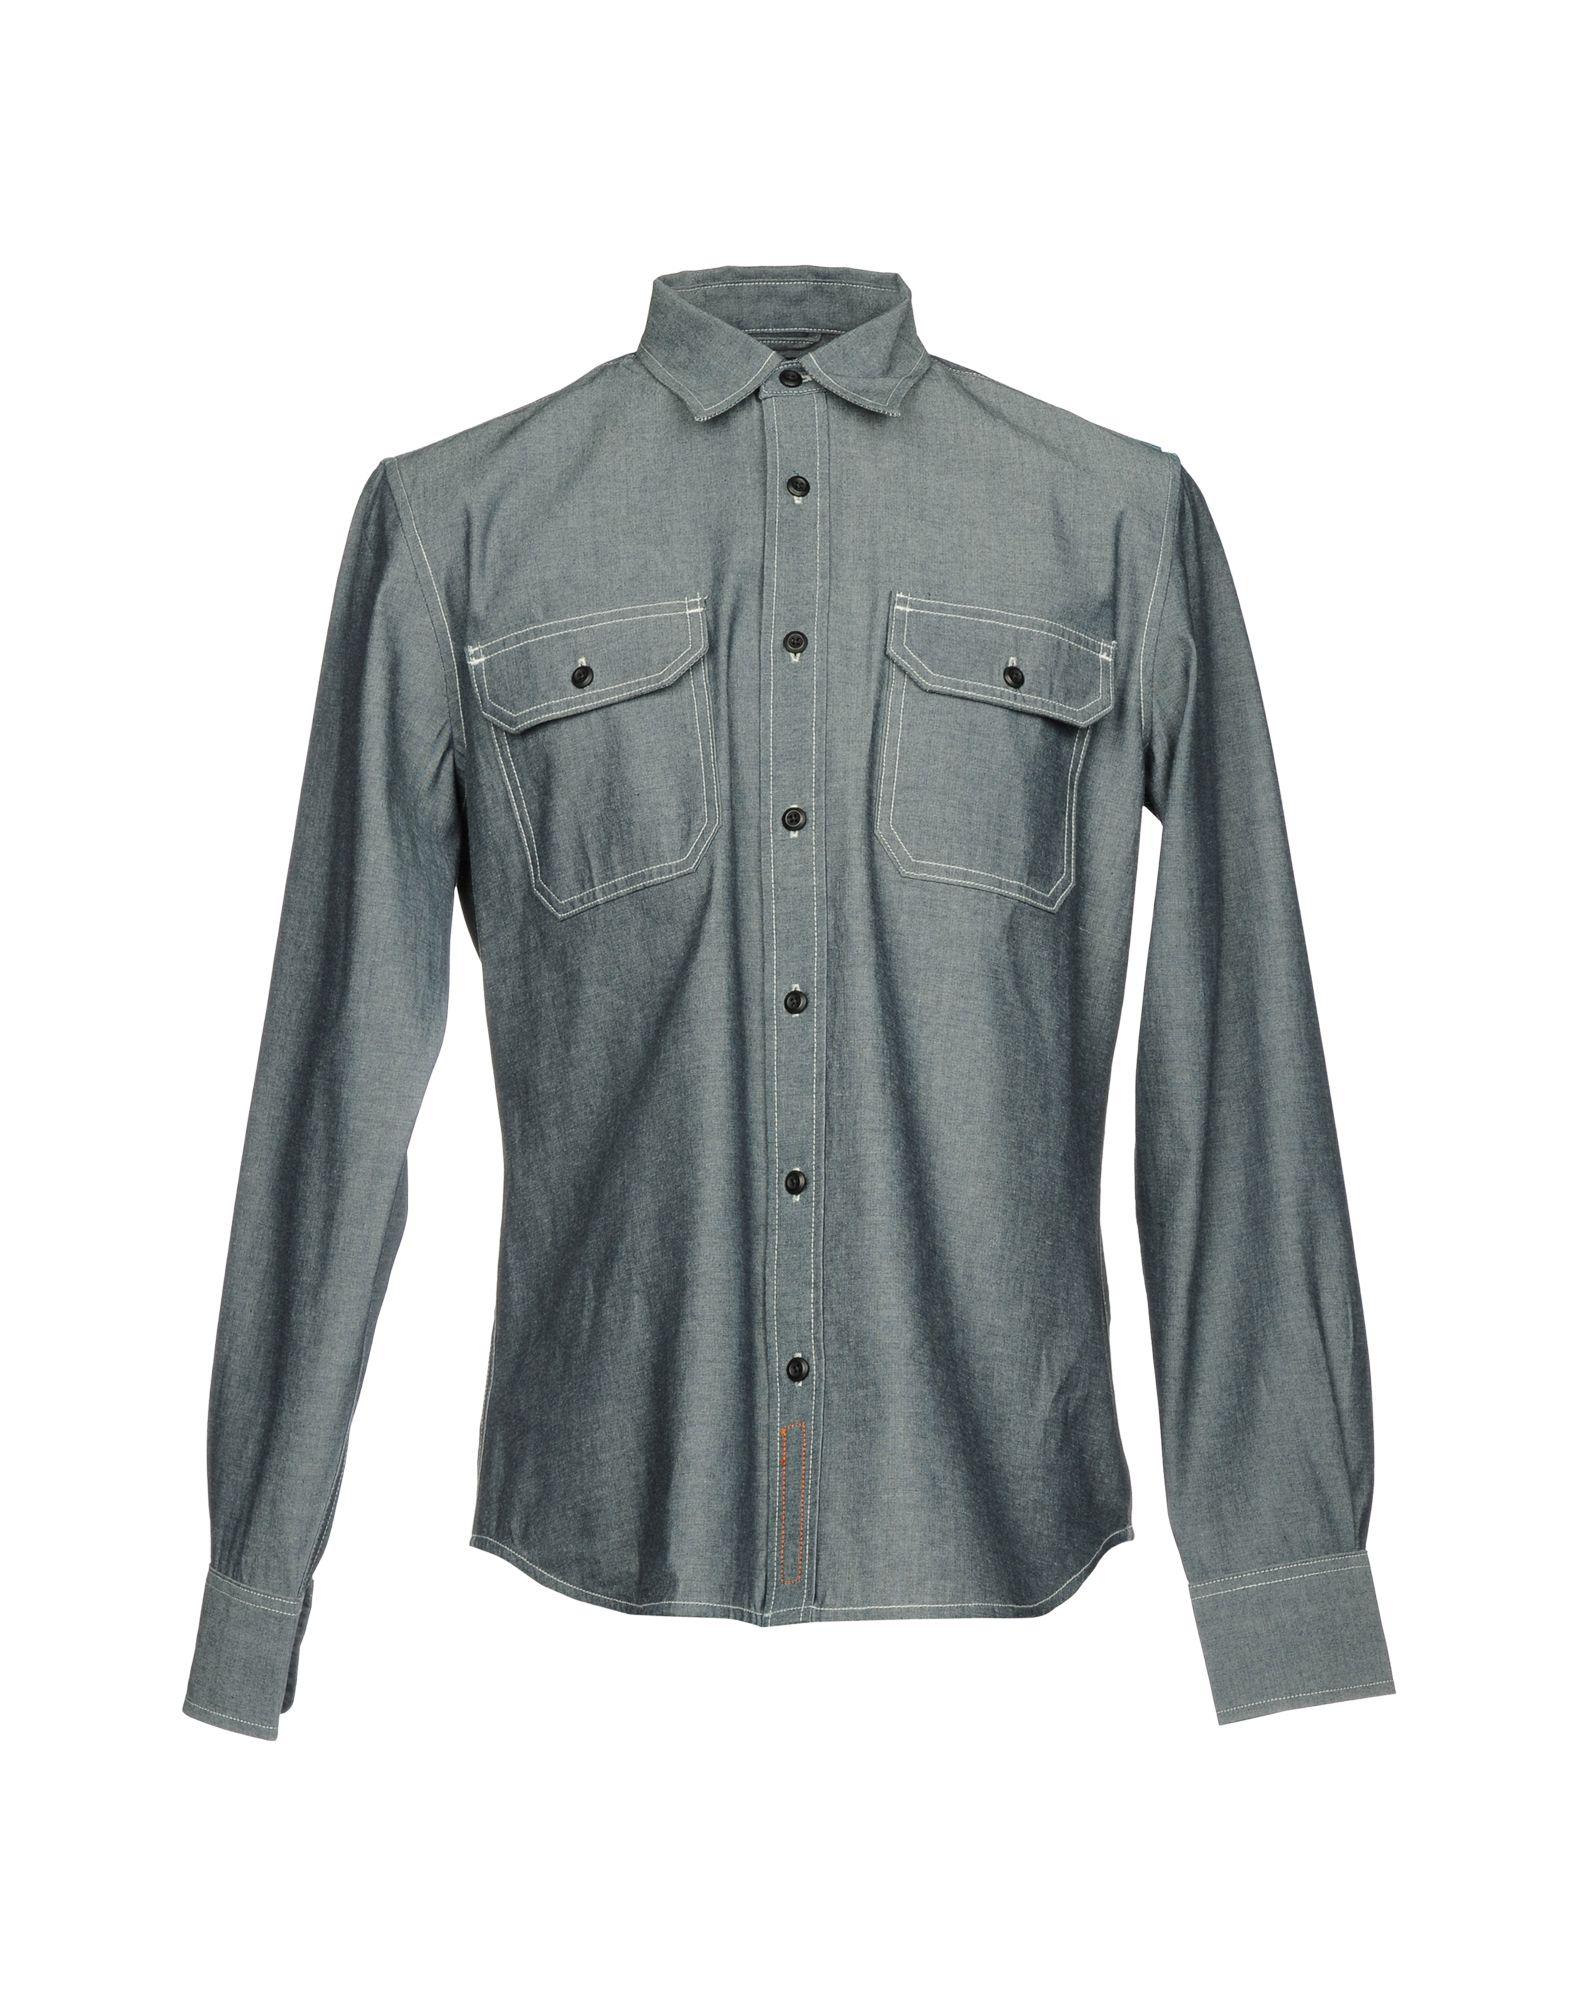 《送料無料》JEAN SHOP メンズ デニムシャツ グレー L コットン 100%